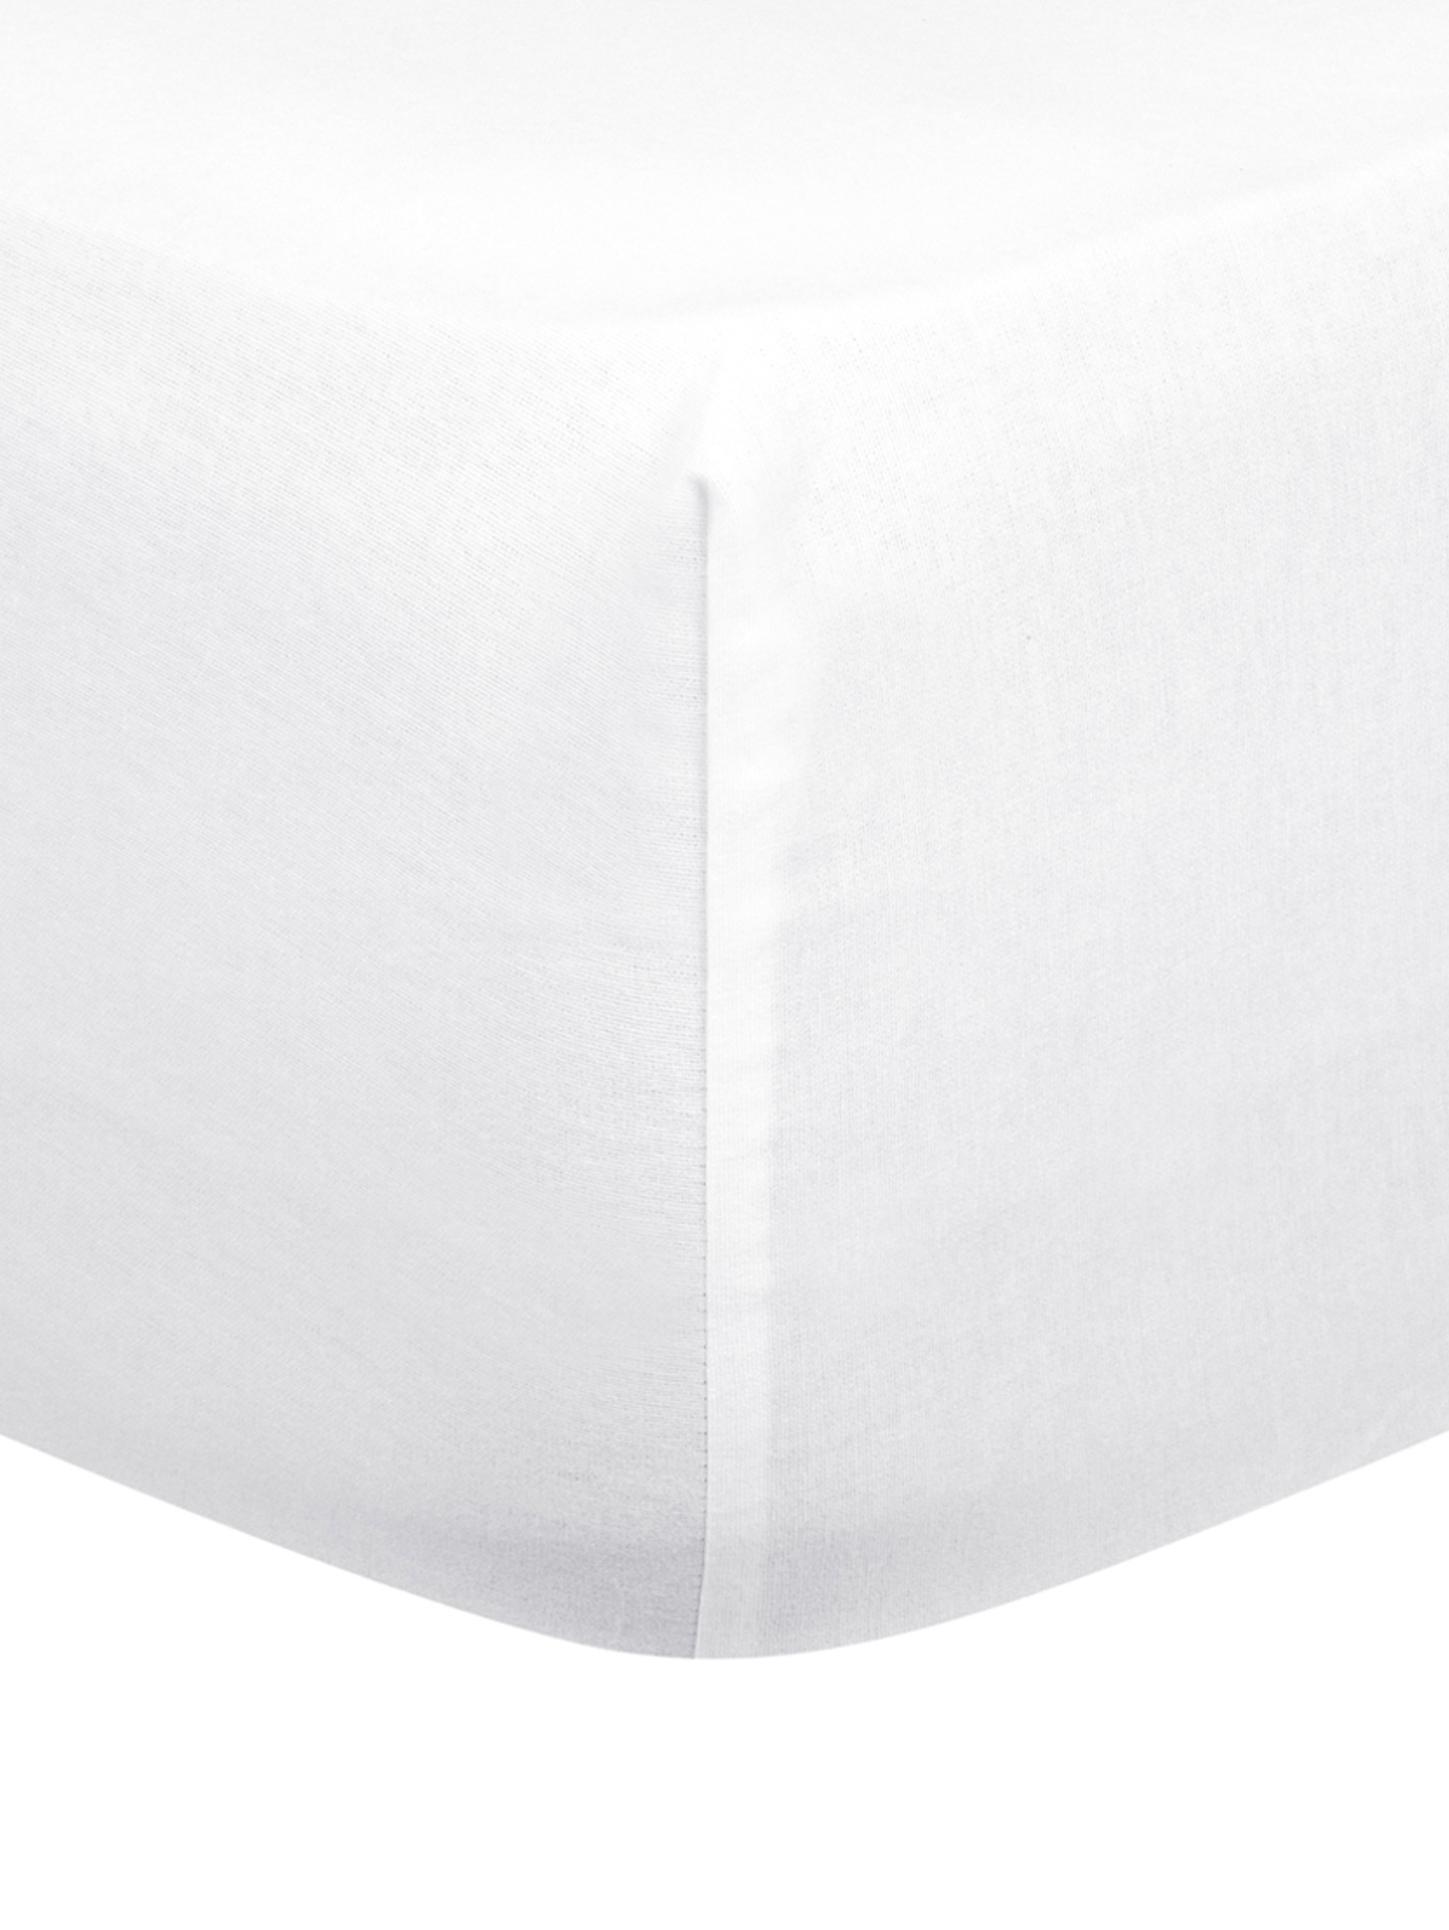 Sábana bajera de franela Biba, Blanco, Cama 90 cm (90 x 200 cm)